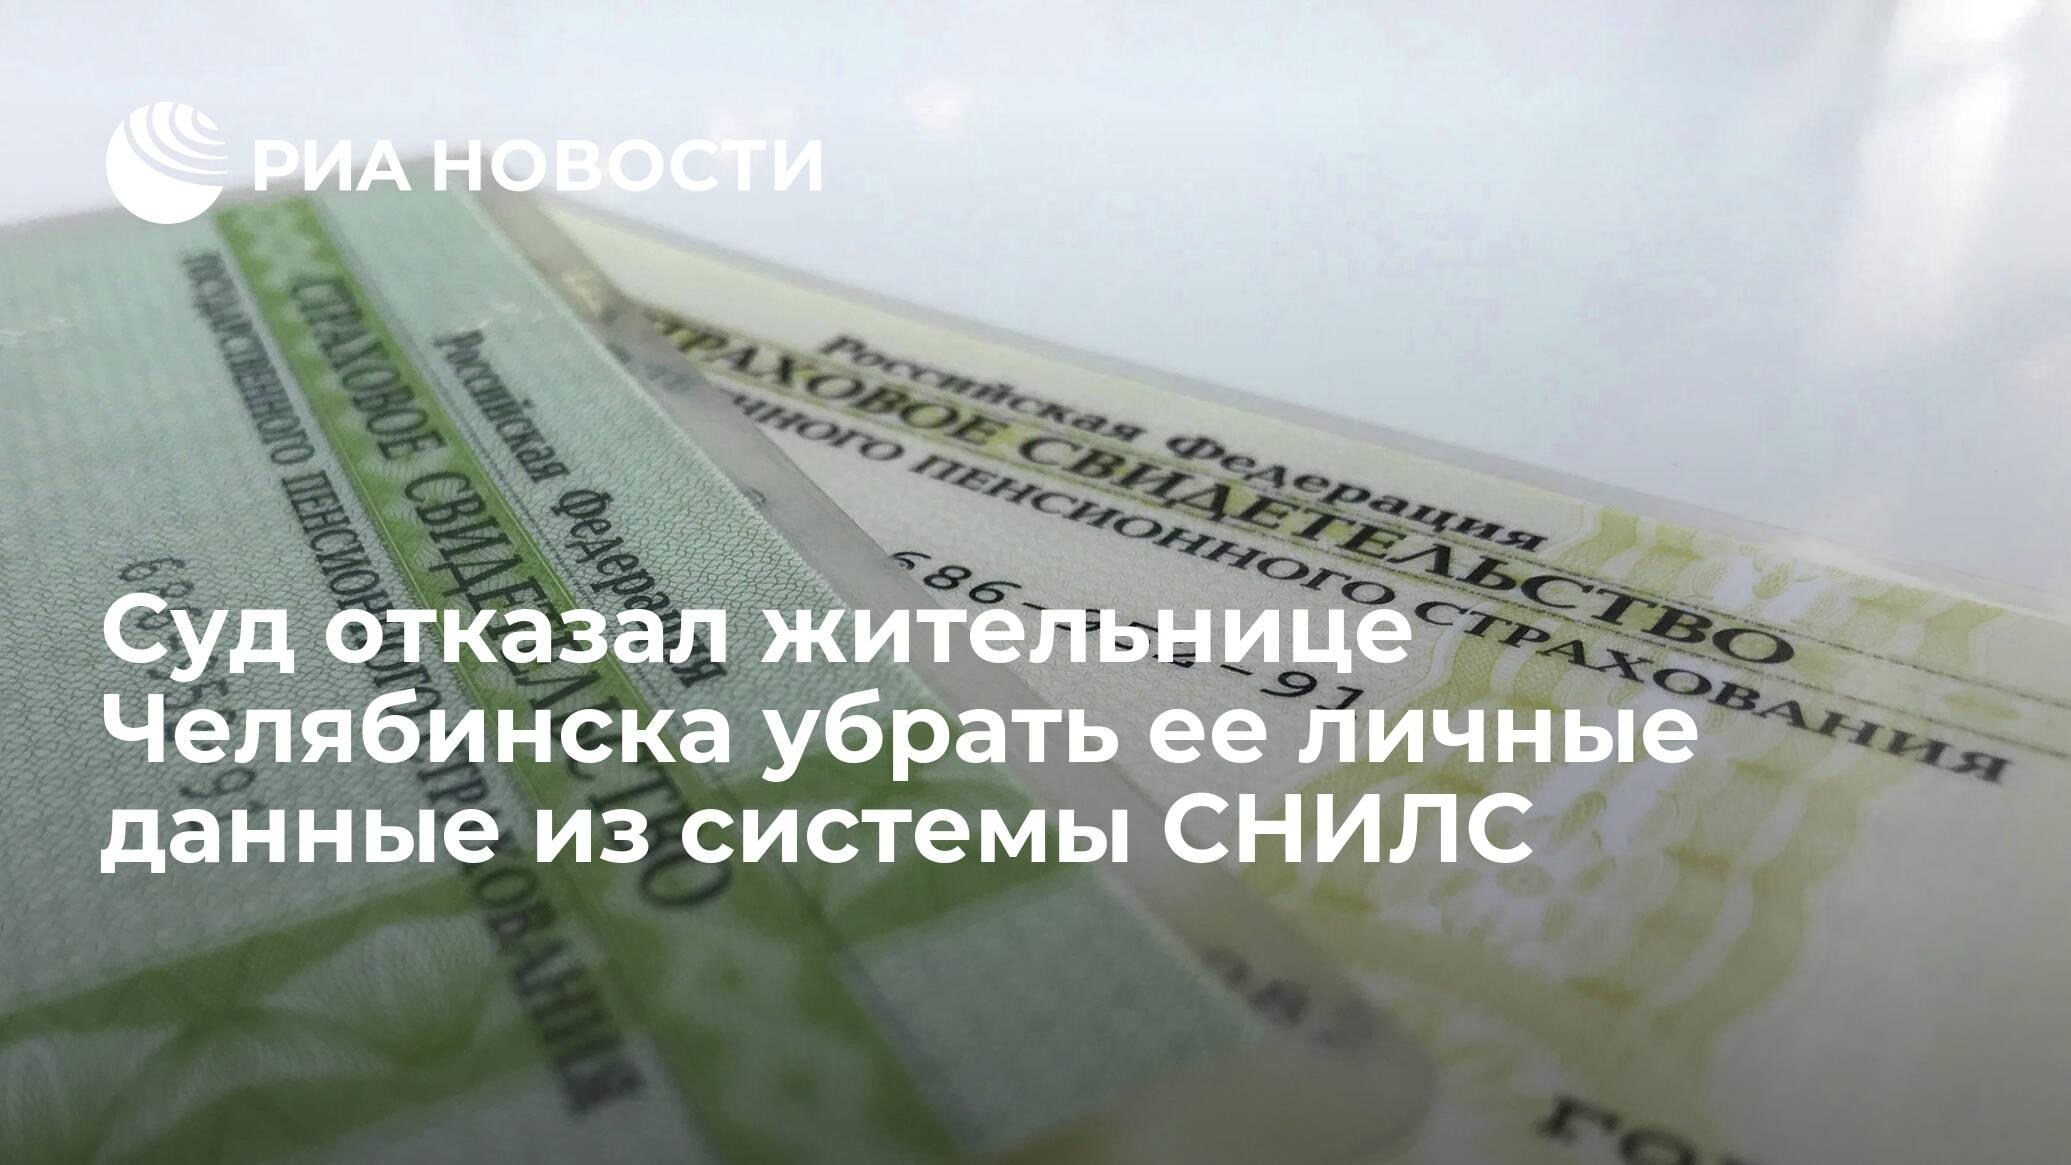 База данных жителей челябинска